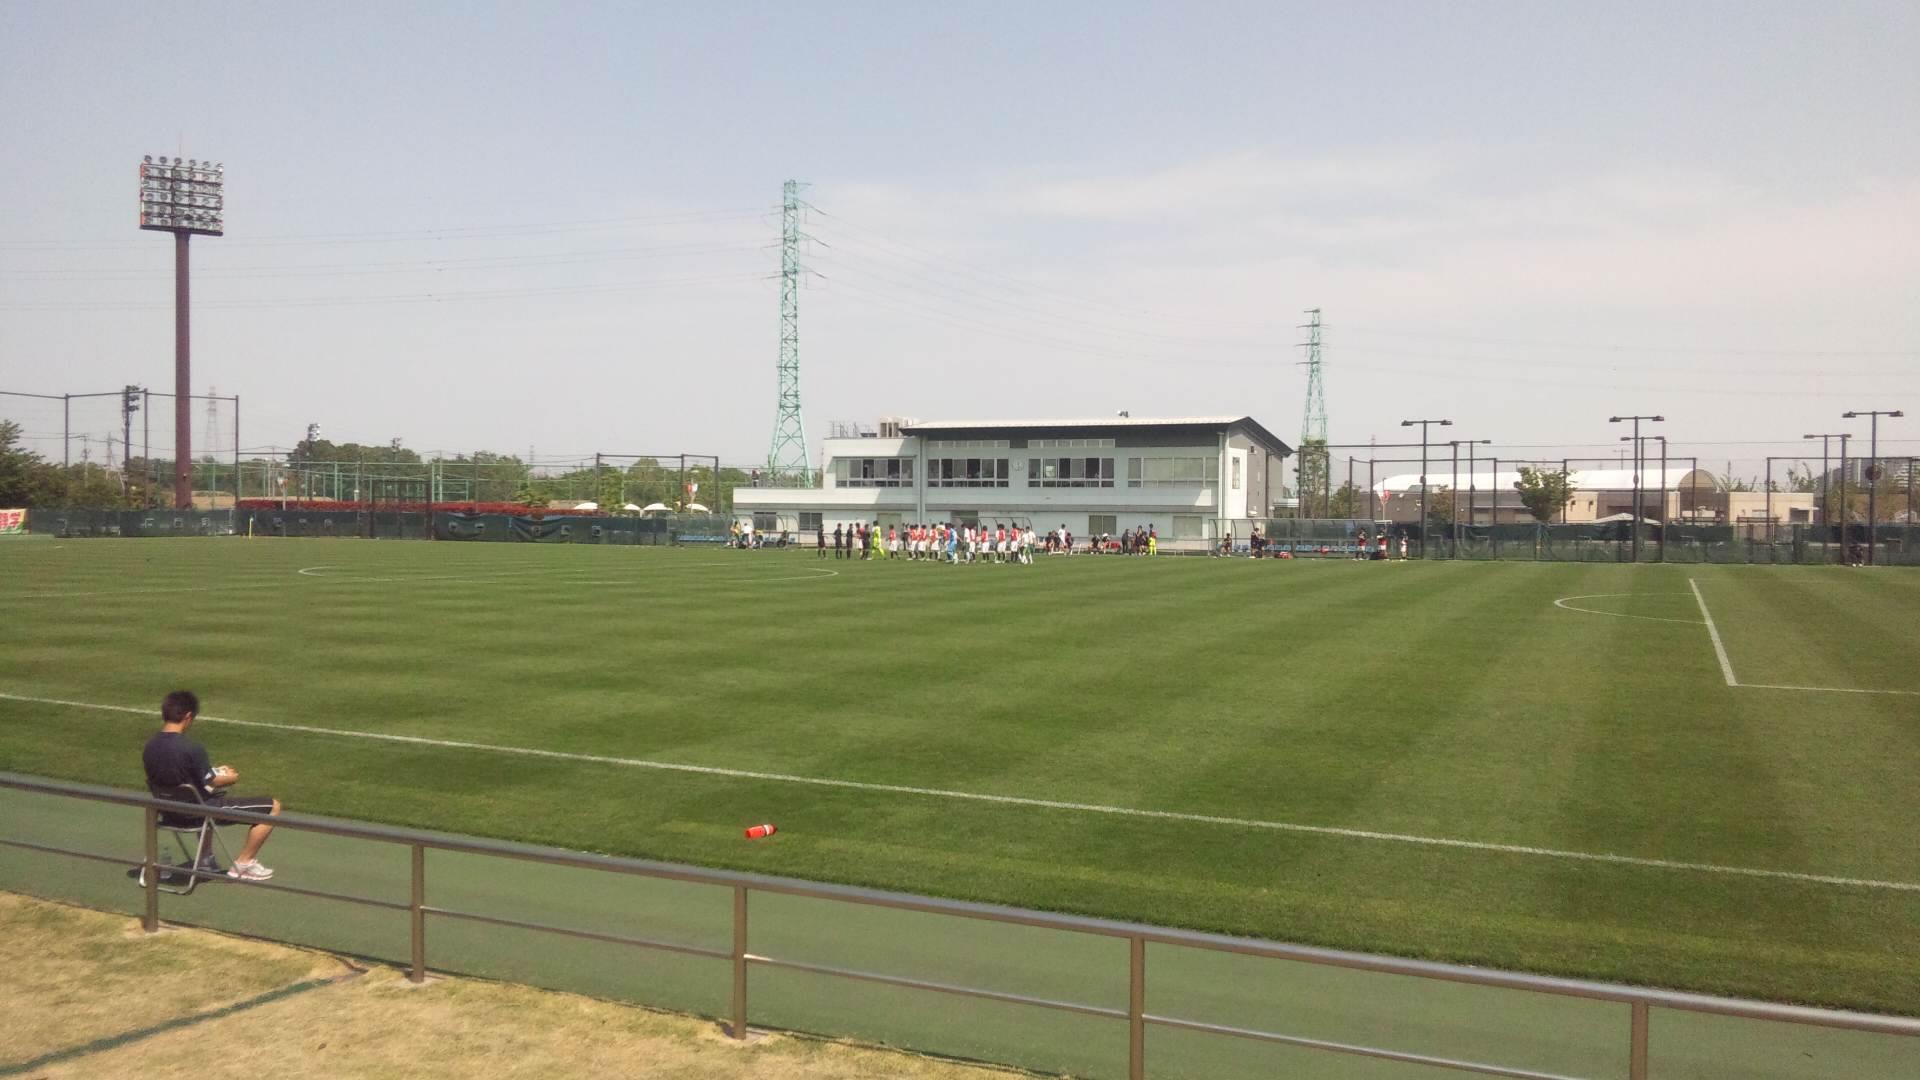 埼玉スタジアム第2グラウンド2011年5月8日